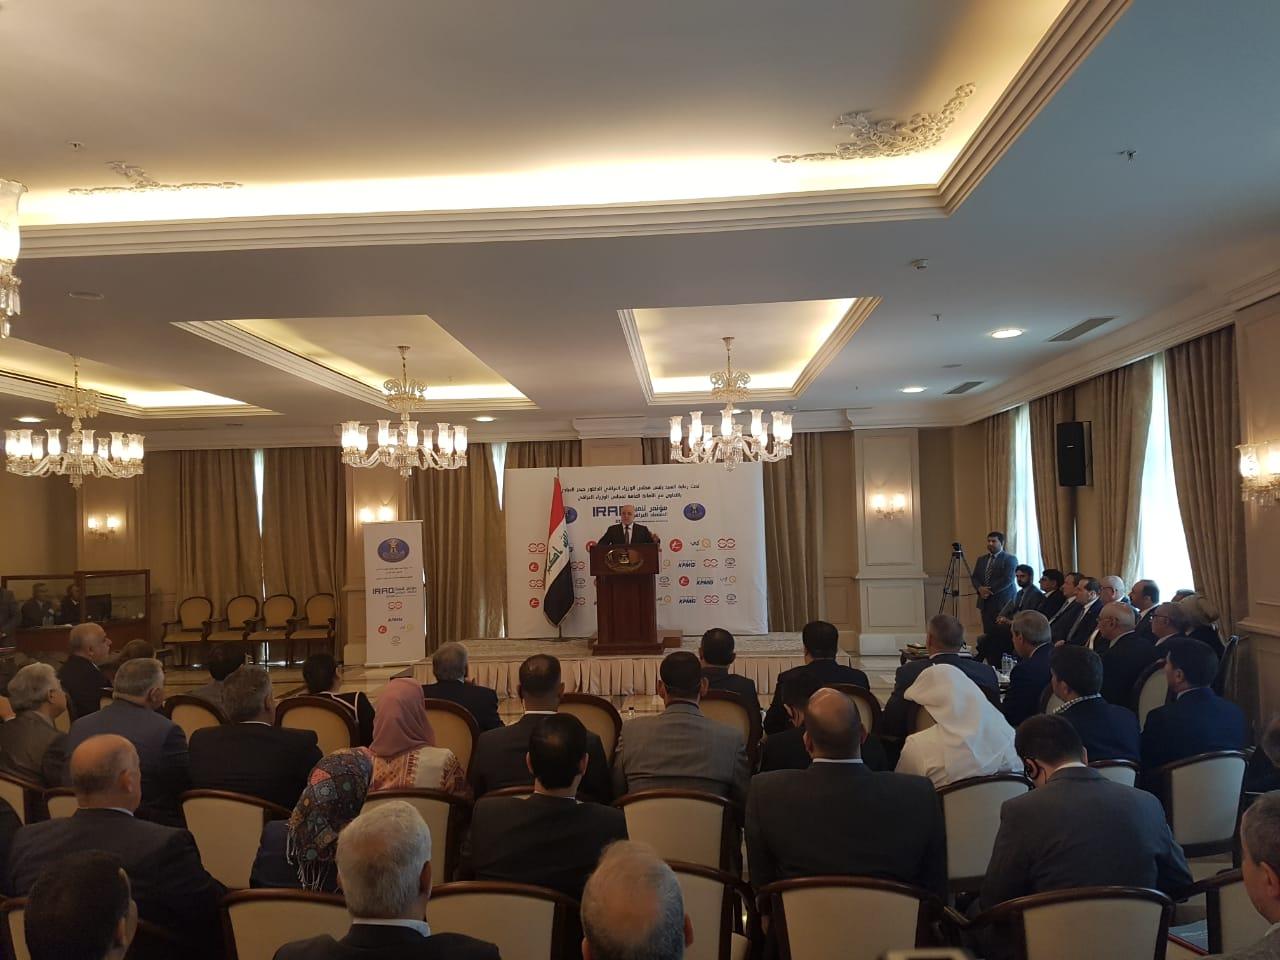 العبادي: نجحنا بايقاف استنزاف الثروة العراقية عبر الانفاق الحكومي والتركيز على التنمية الاقتصادية